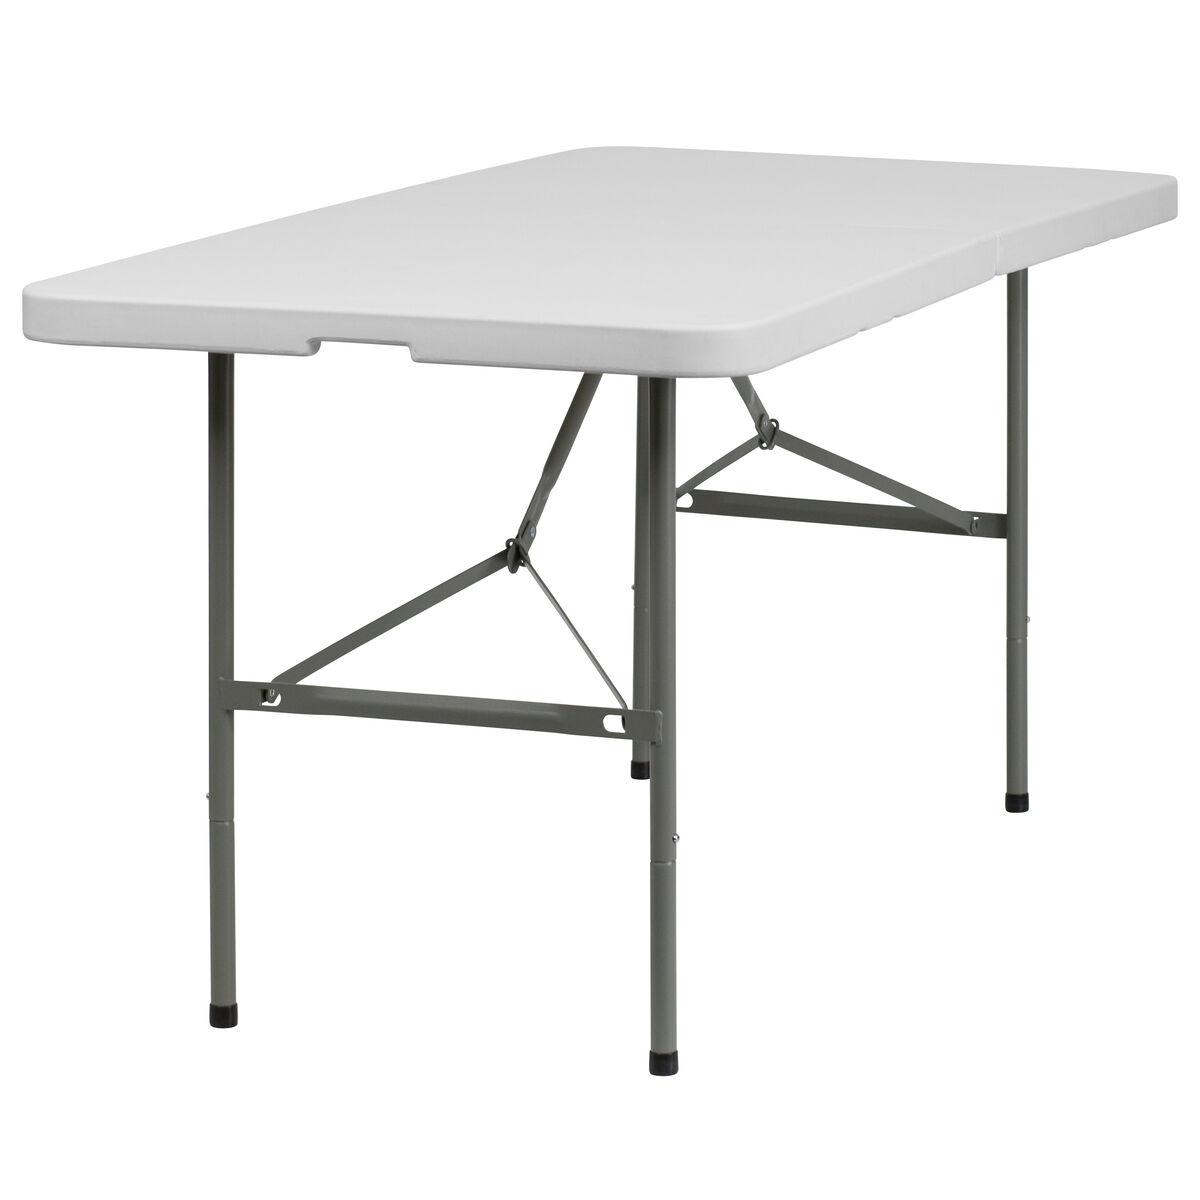 30x60 white bi fold table dad ycz 152z gg bizchair com